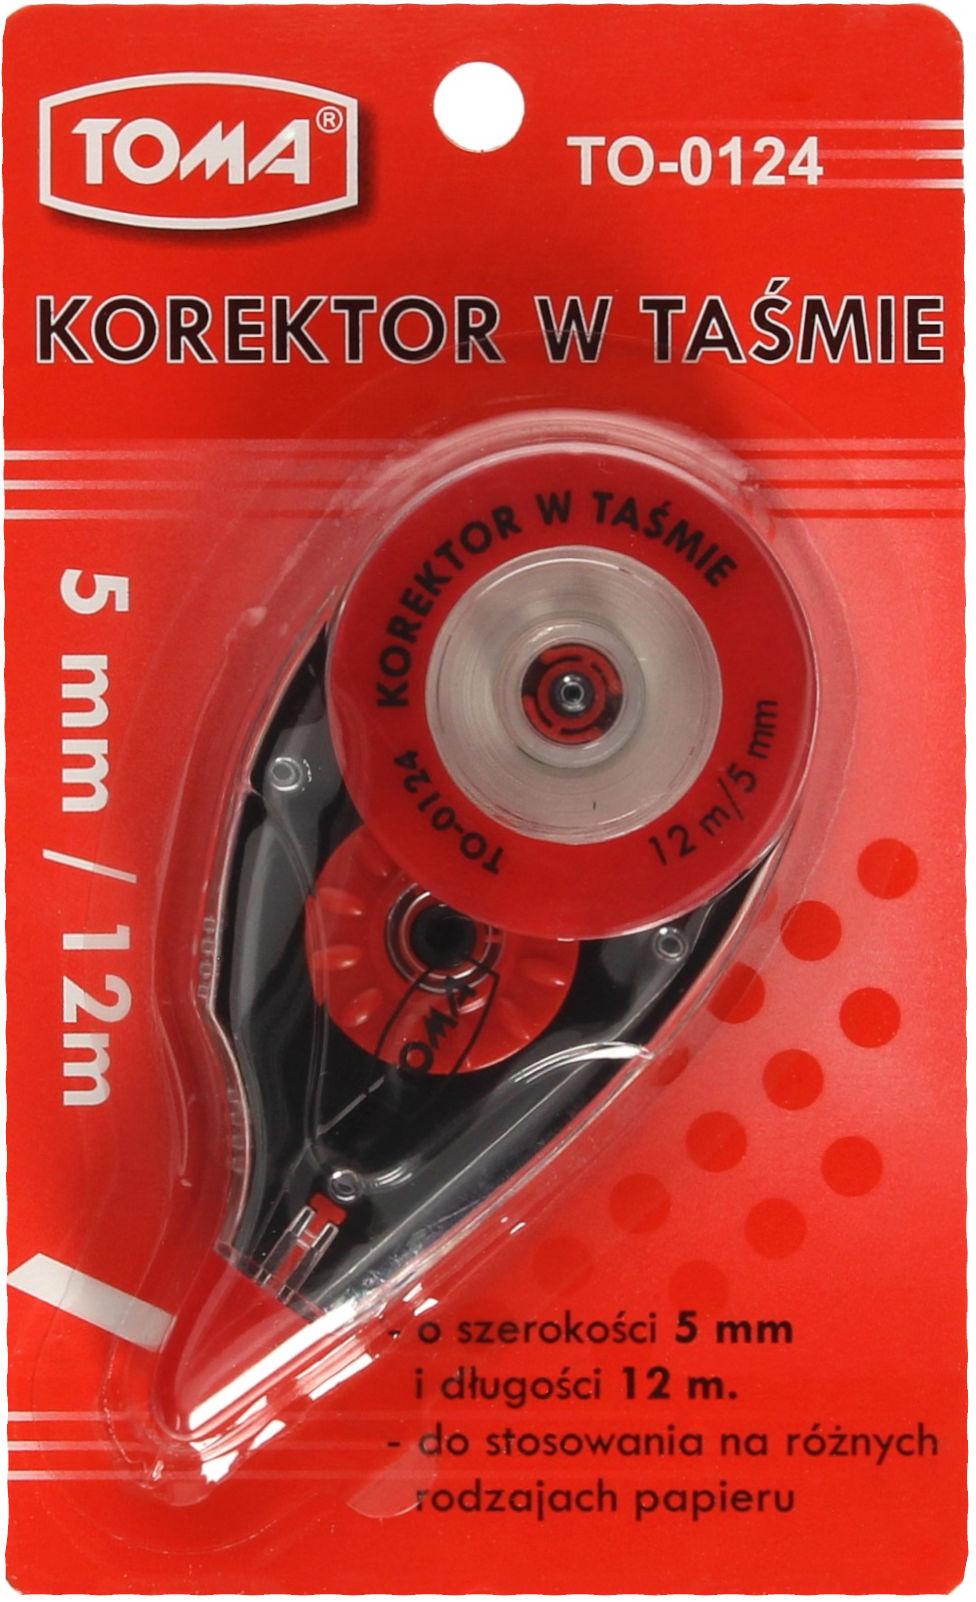 Korektor taśma 5mmx12m Toma TO-01241